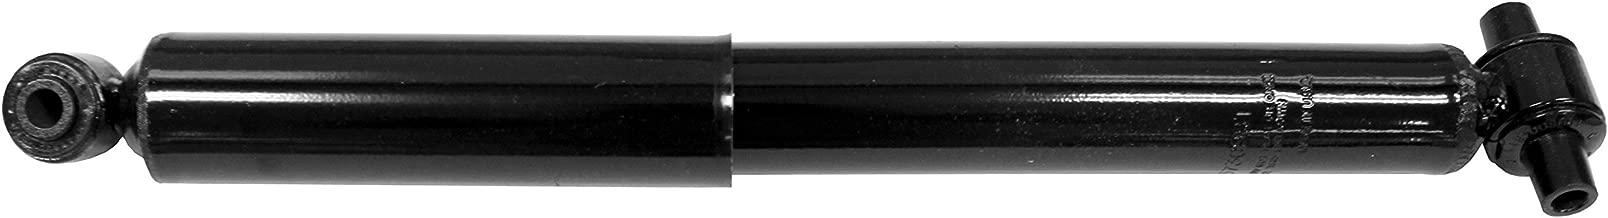 Monroe 37309 OESpectrum Rear Shock Absorber